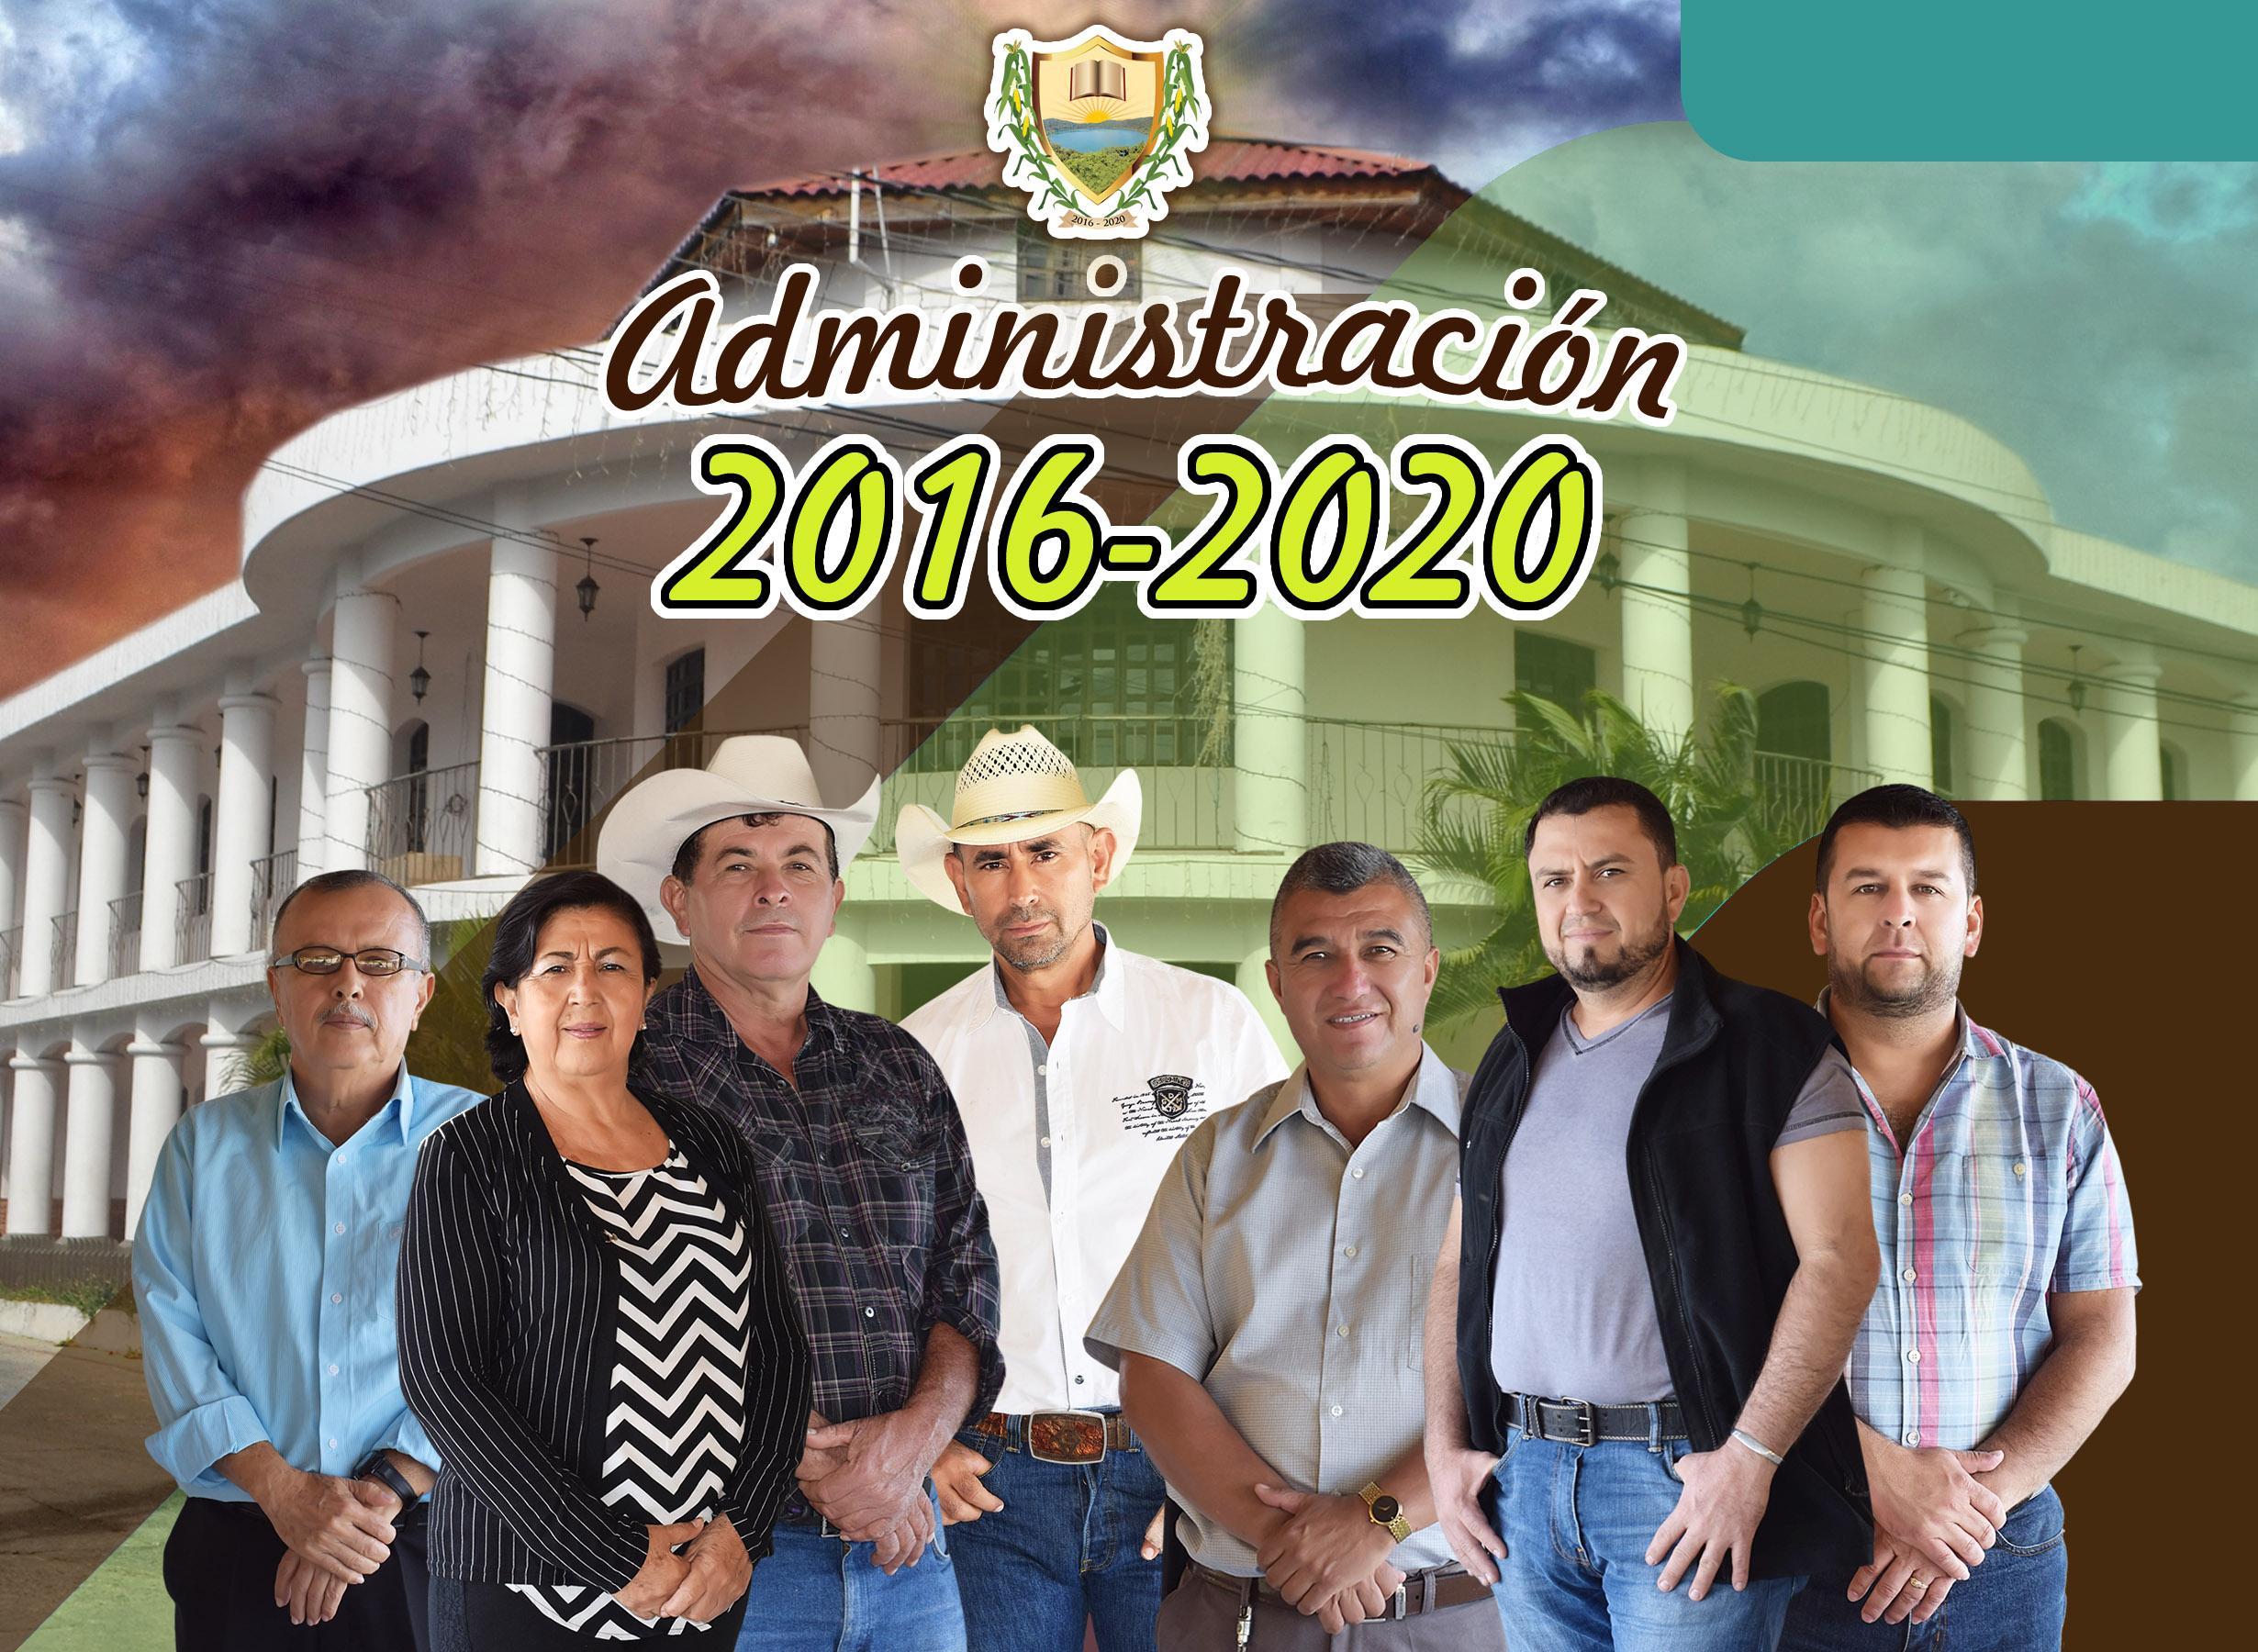 En la fotografía, siete miembros de la actual corporación municipal que buscan la reelección con Milpa. En el equipo no había un concejal de oposición. Foto: Municipalidad de Ipala